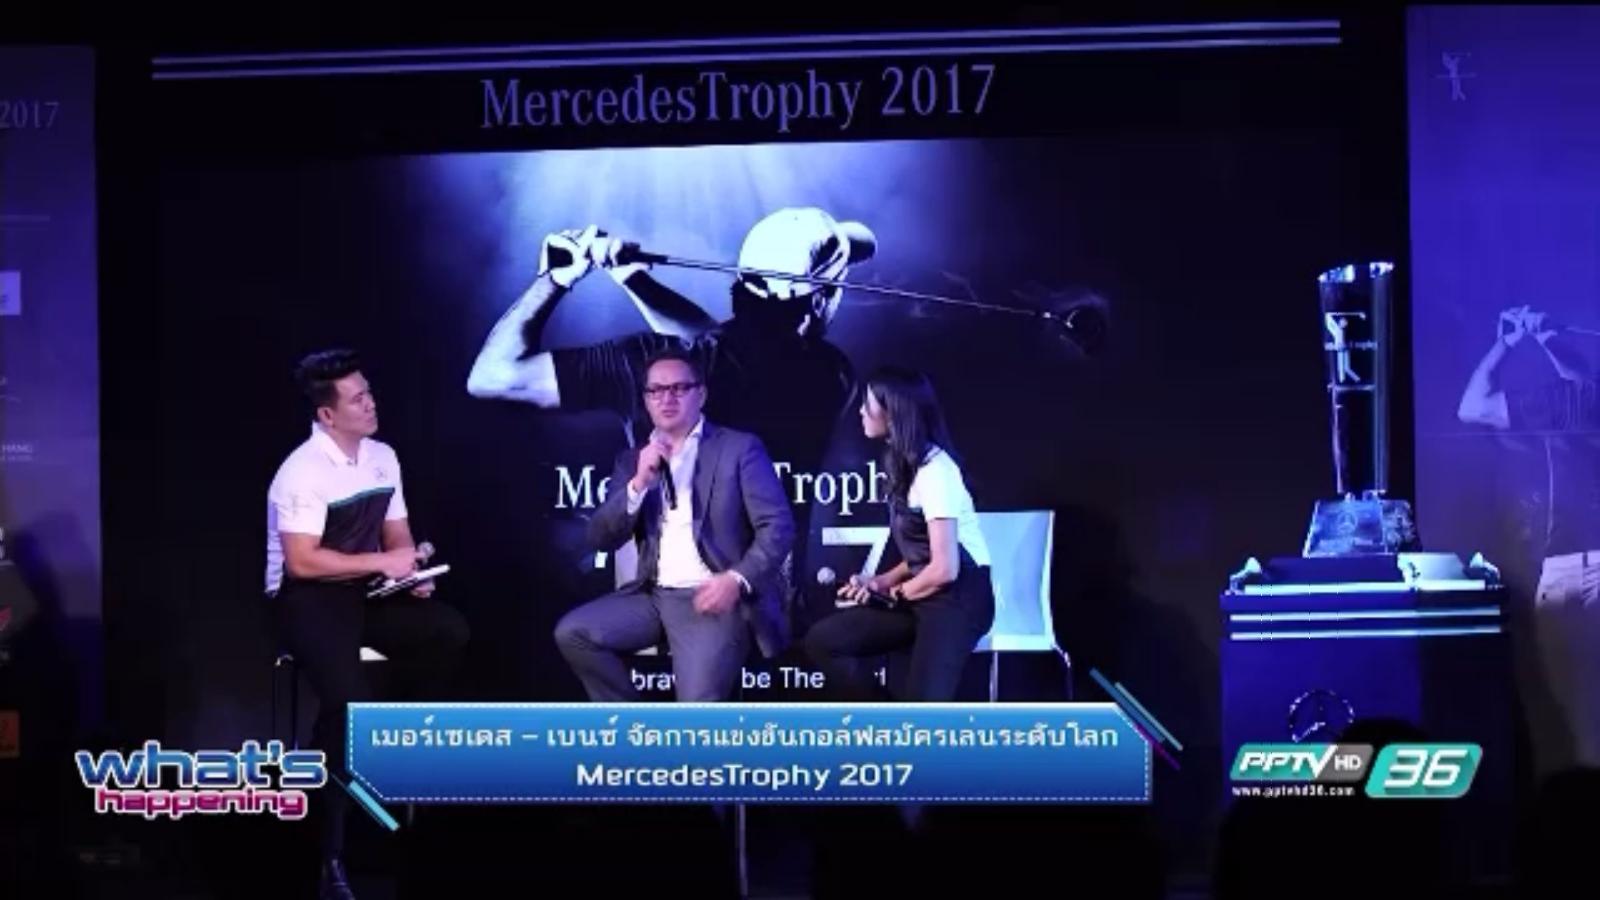 บริษัท เมอร์เซเดส – เบนซ์ (ประเทศไทย) จำกัด จัดการแข่งขันกอล์ฟสมัครเล่น mercedestrophy 2017